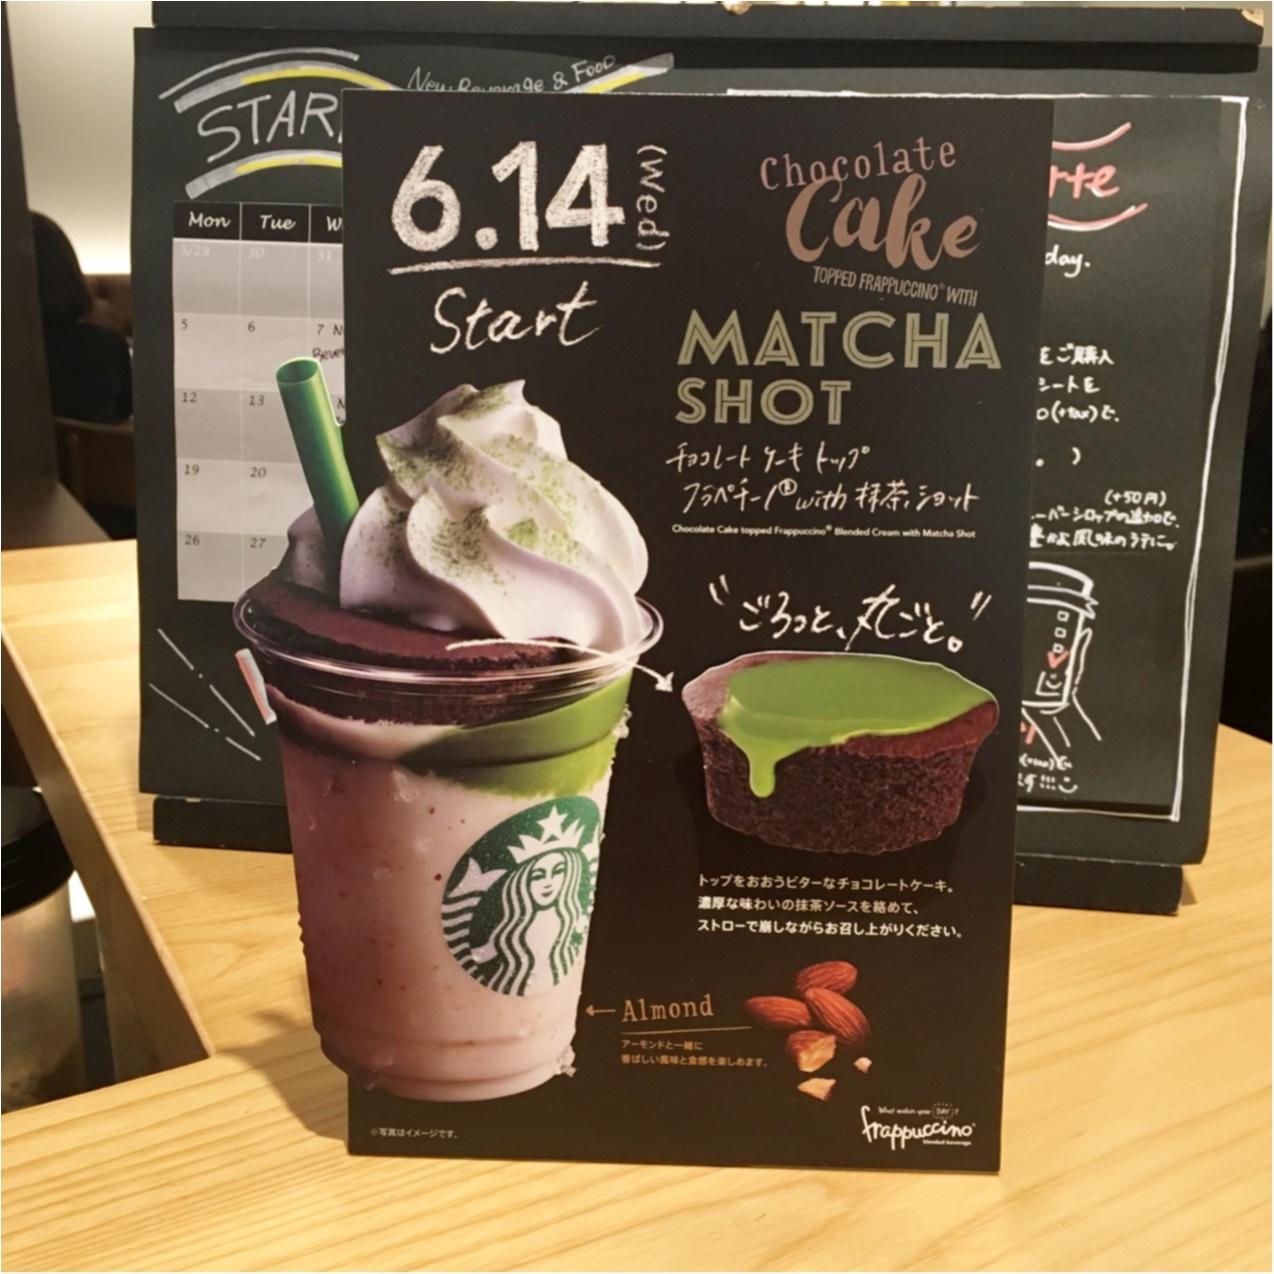 コーヒーだけじゃない!ボリュームたっぷり♡スターバックス美味しいサンドウィッチ♡ 6月14日から発売の新作フラペチーノの情報も♡_4